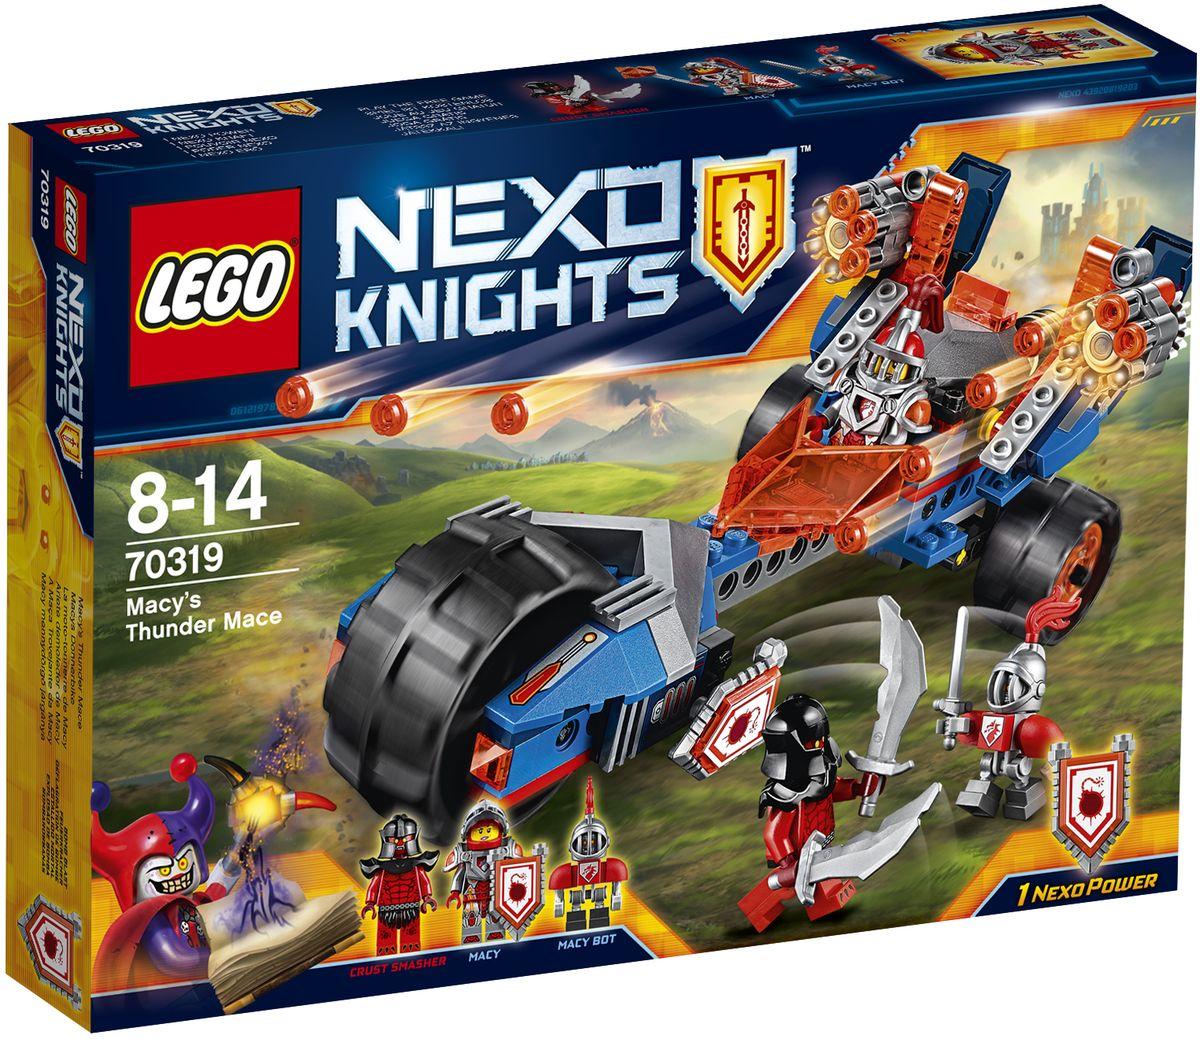 LEGO NEXO KNIGHTS Конструктор Молниеносная машина Мэйси 7031970319Застаньте противника врасплох! Поверните ручку, чтобы выдвинуть скорострельные шипованные шутеры молниеносной машины Мэйси. Цельтесь в Магмометателя, затем выпрыгните из машины вместе с верным ботом Мэйси, захватите Фотонную булаву и продолжите битву! В набор входит щит для сканирования Nexo Силы Взрыв бомбы. Набор включает в себя 202 разноцветных элемента. Конструктор - это один из самых увлекательных и веселых способов времяпрепровождения. Ребенок сможет часами играть с конструктором, придумывая различные ситуации и истории.